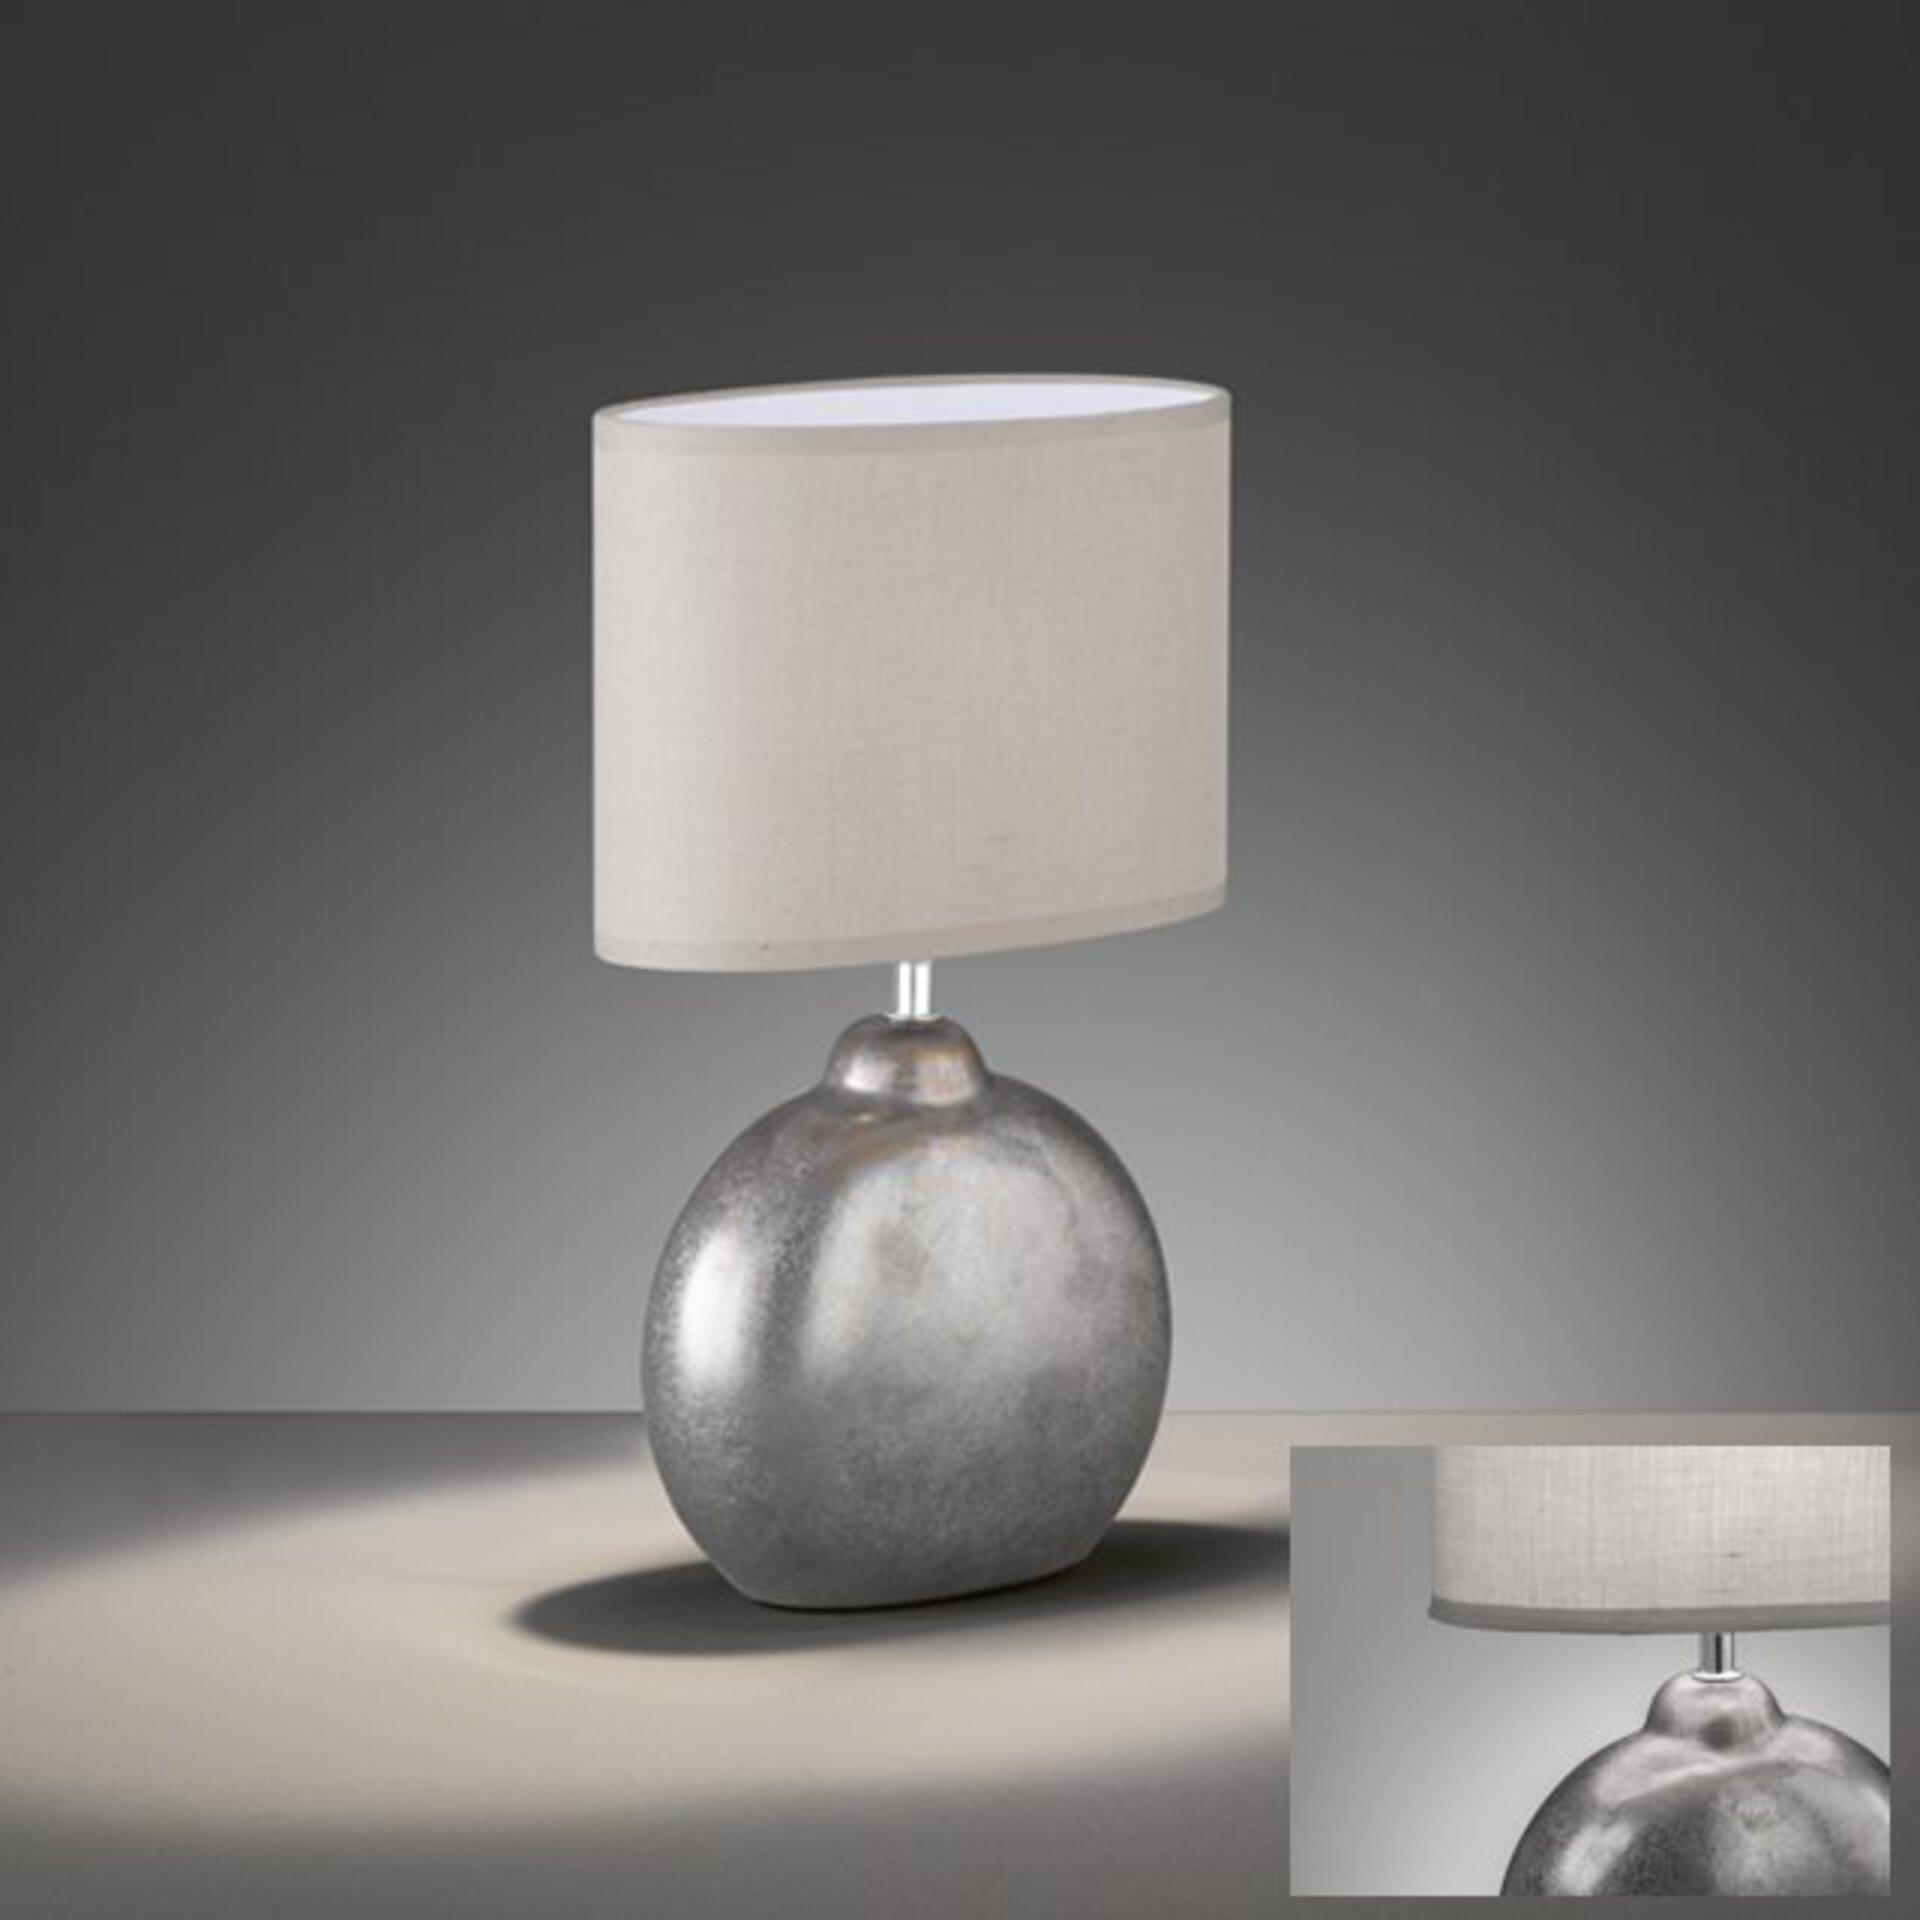 Tischleuchte Lino Fischer-Honsel Keramik grau 13 x 39 x 23 cm